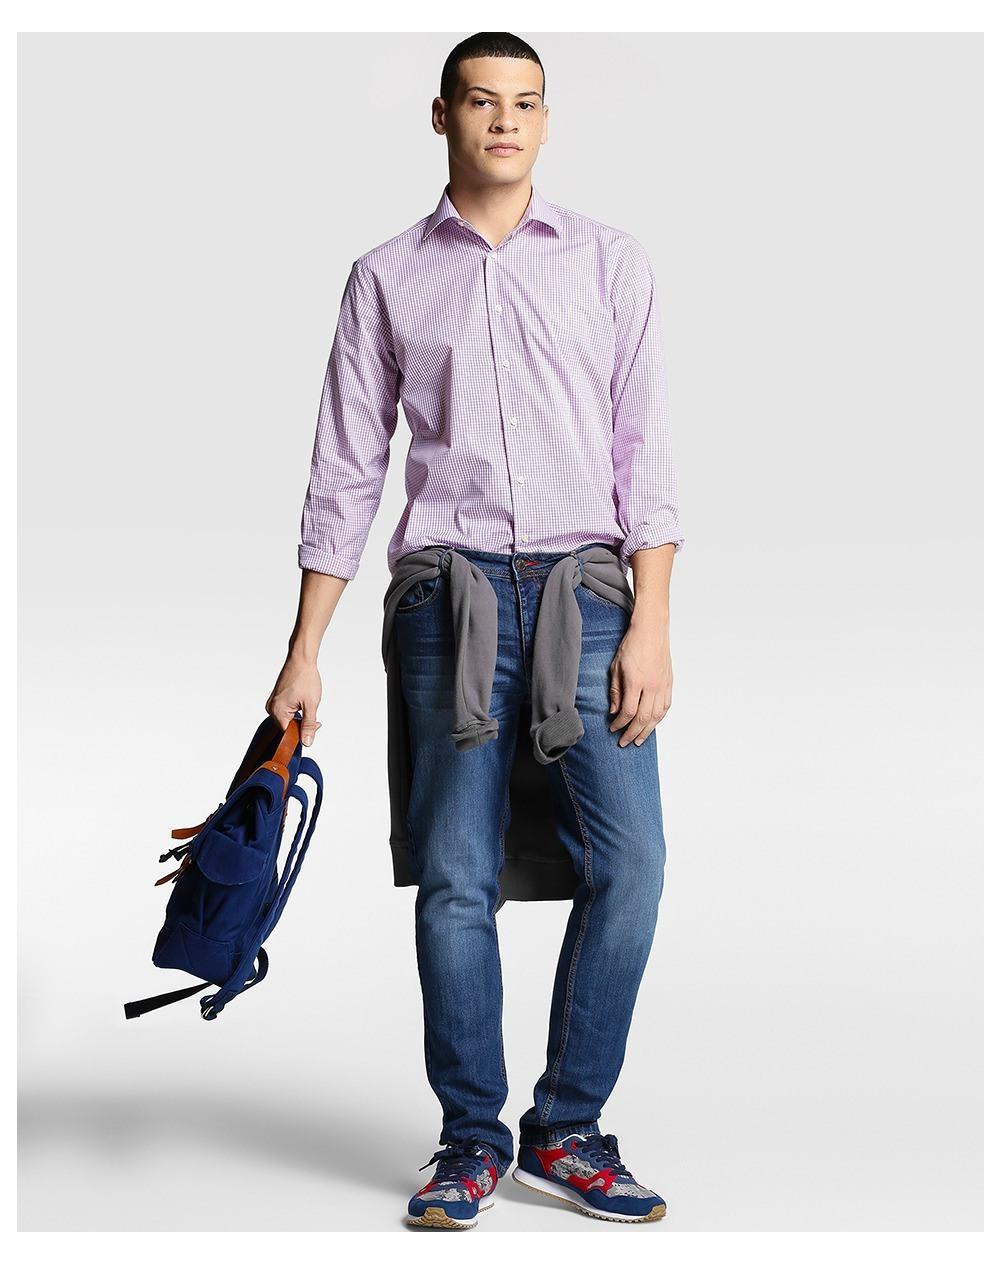 Catalogo el corte ingles 2015 tendencias moda hombre for Moda el corte ingles